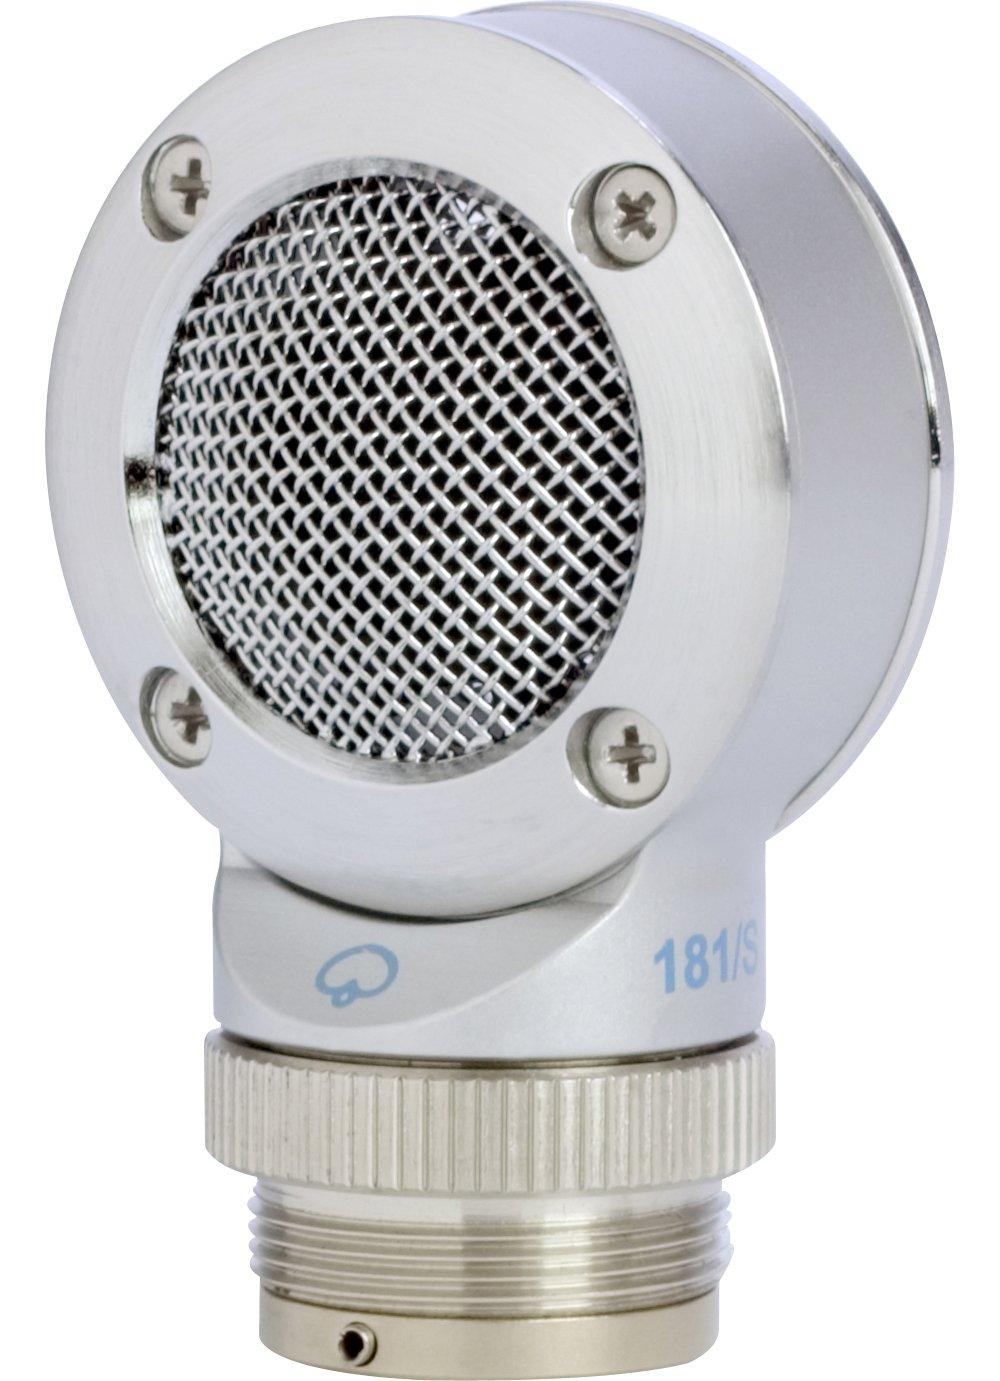 SHURE RPM181/S マイク用カートリッジ (シュア) B004S2QPGE